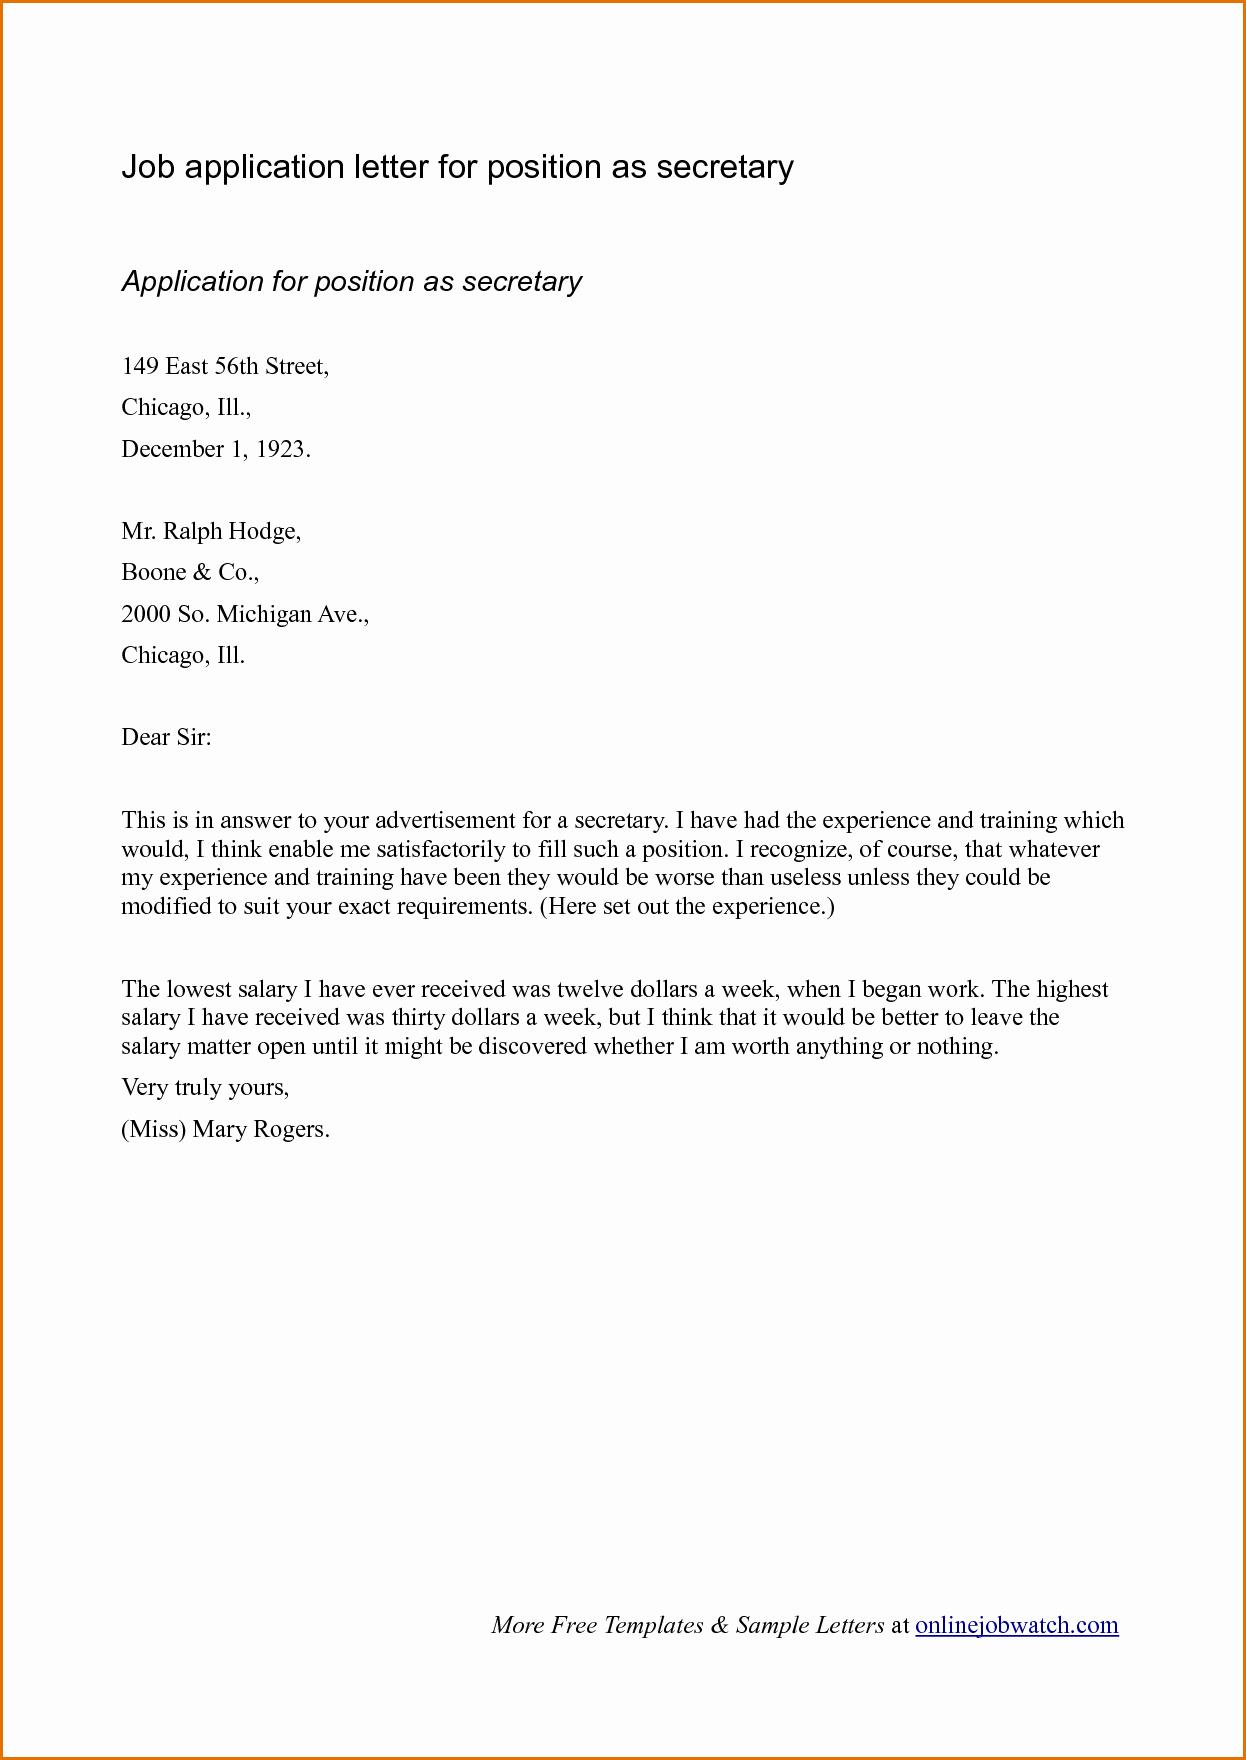 Applying for Job Letter Inspirational Sample Cover Letter format for Job Application